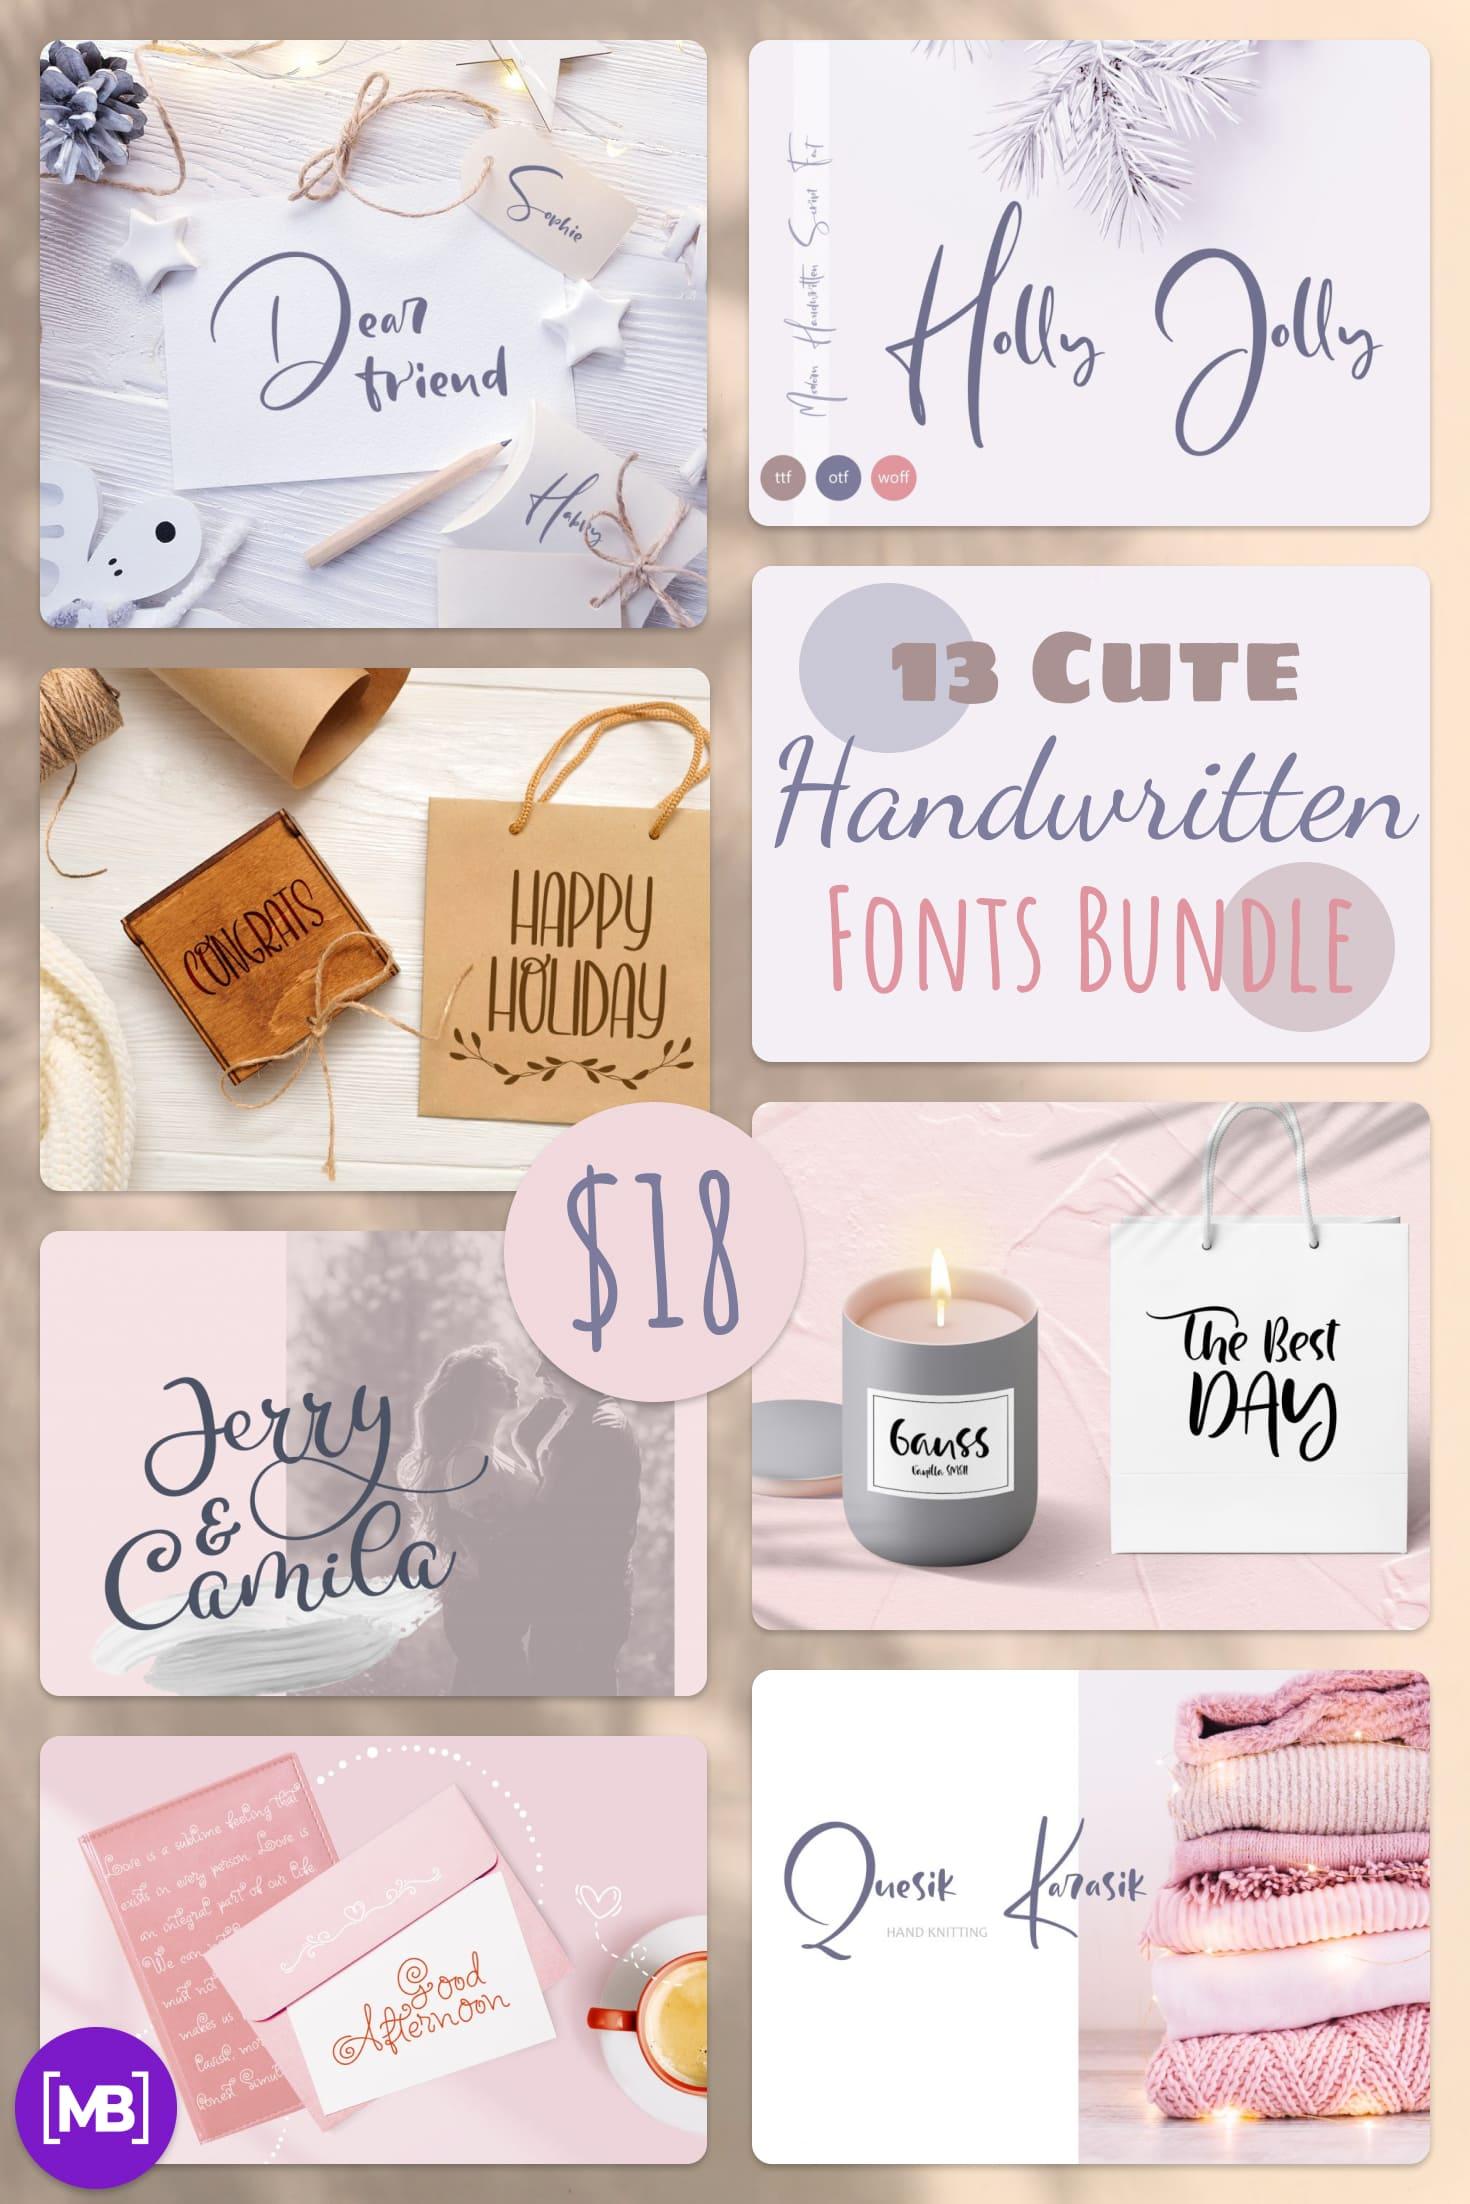 Pinterest Image: 13 Cute Handwritten Fonts Bundle in 2020.